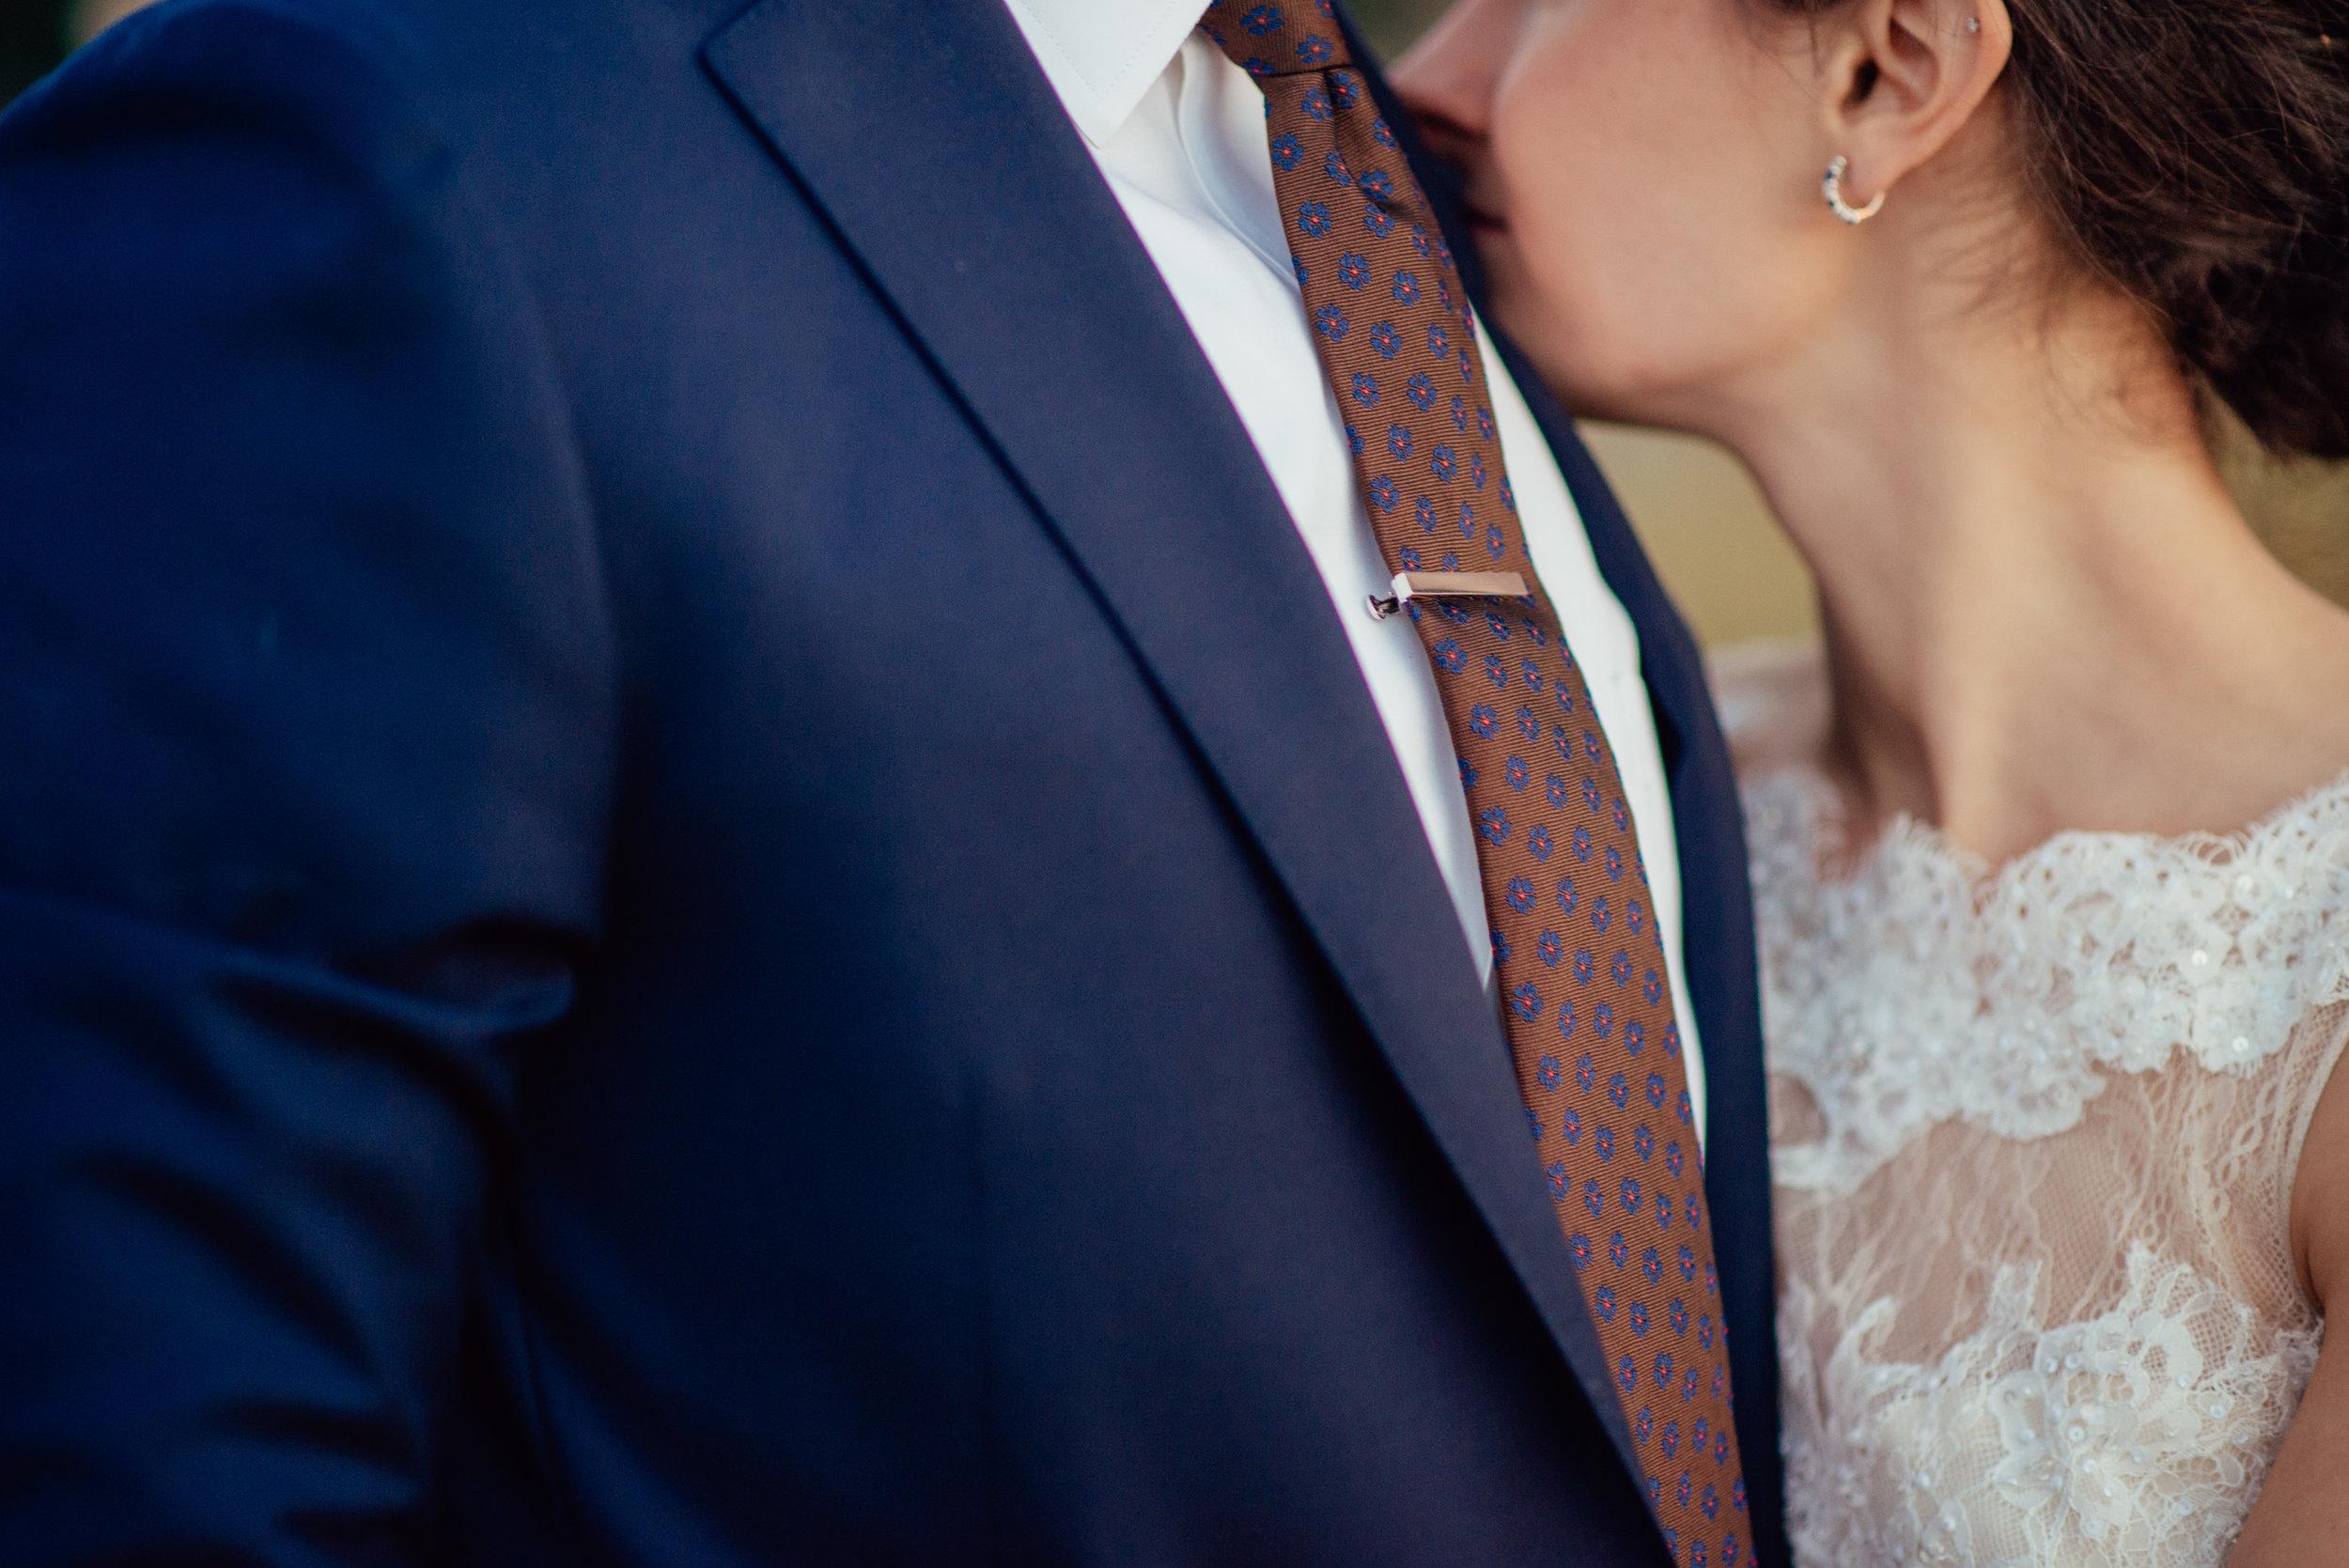 cleland-studios-weddings-59.jpg